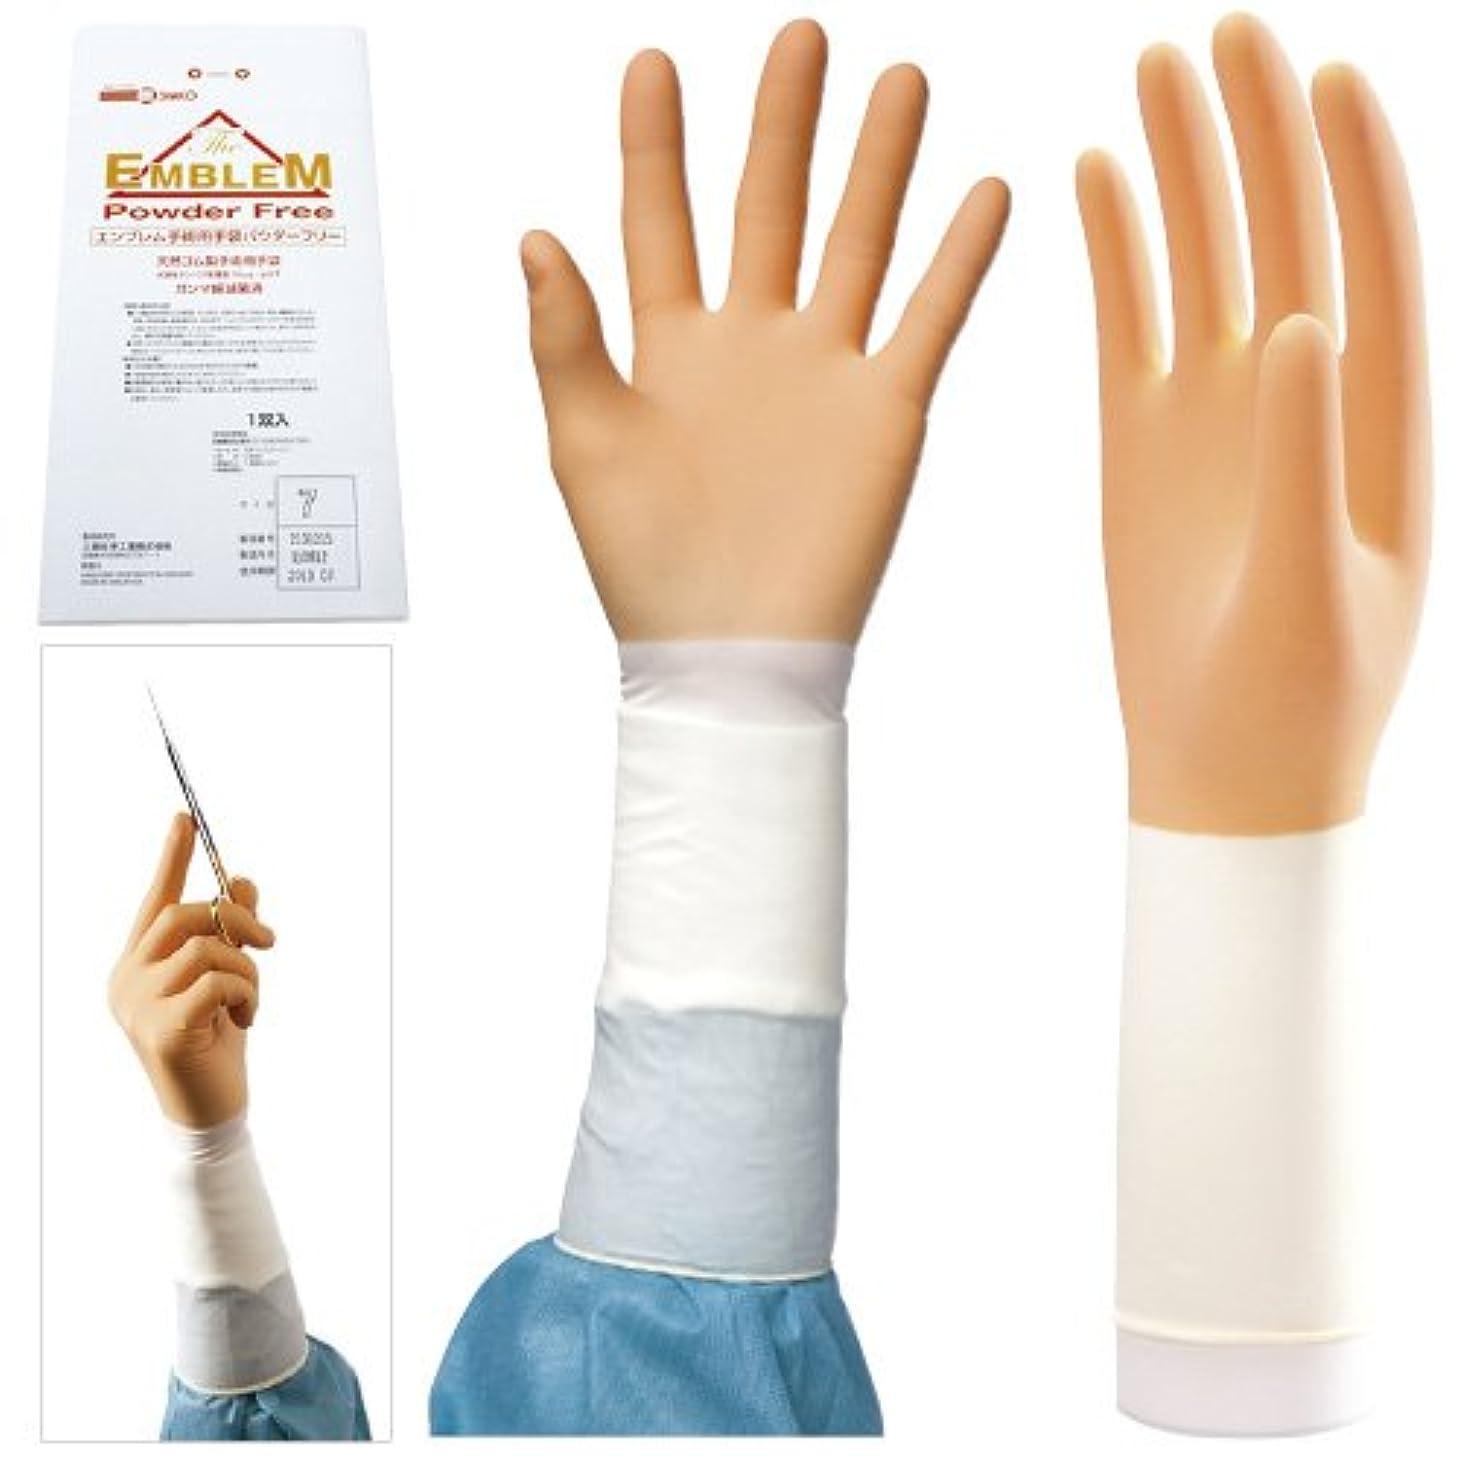 近似持っているプレゼンエンブレム手術用手袋 パウダーフリー NEW(20双入) 8.5